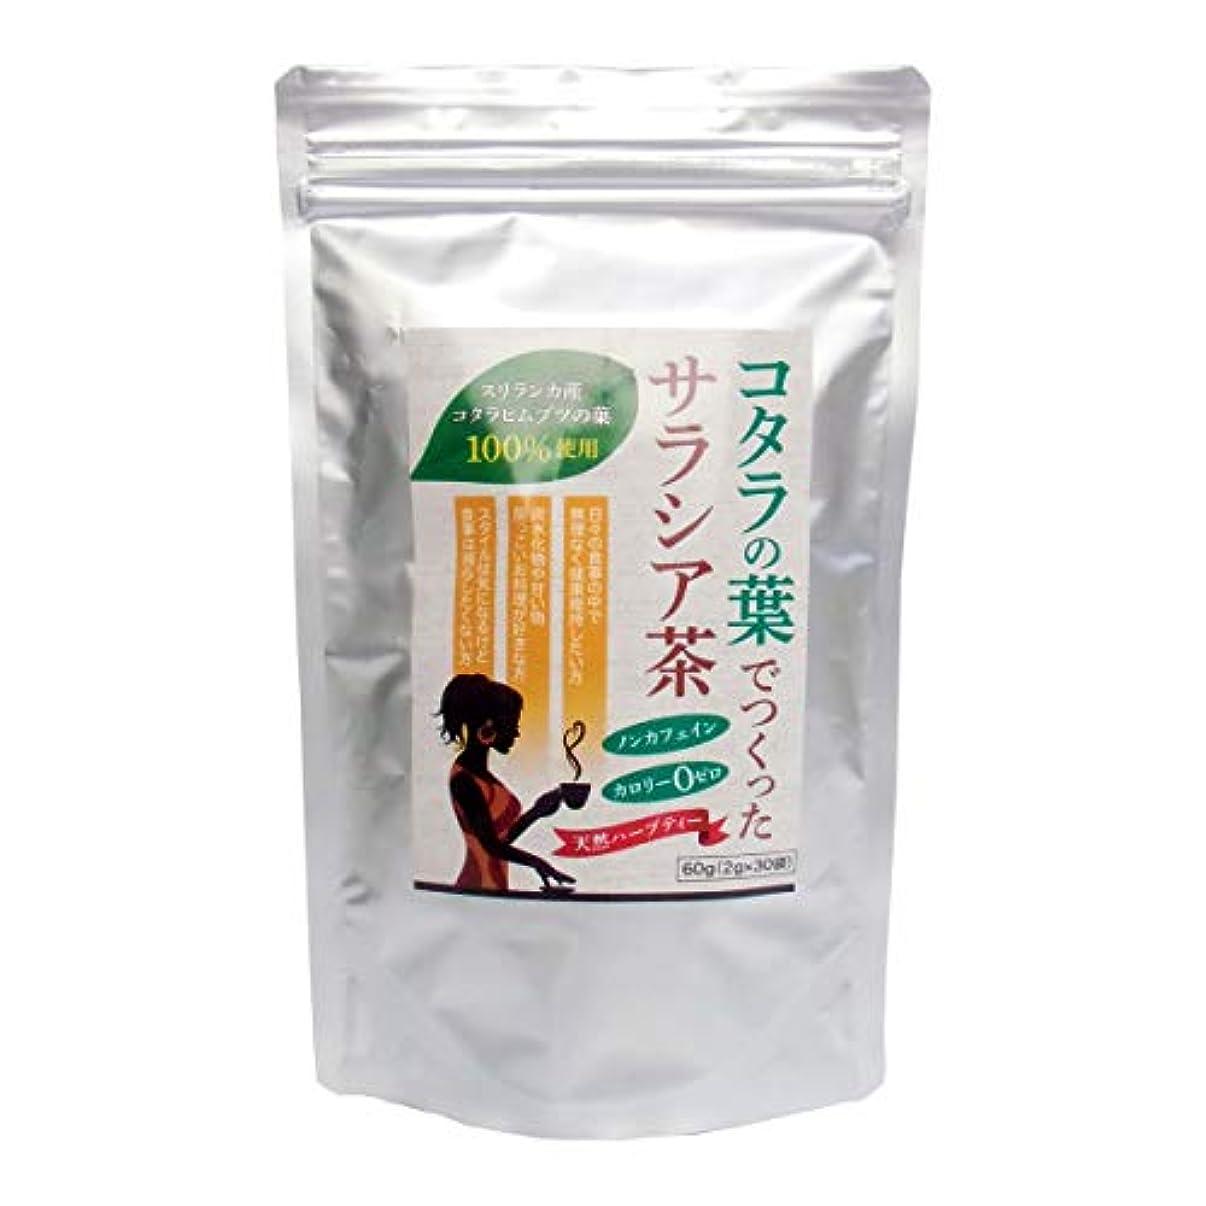 スリンク主張コート【初回限定お試し価格】コタラの葉でつくったサラシア茶 (茶葉タイプ) 60g (2g×30袋)